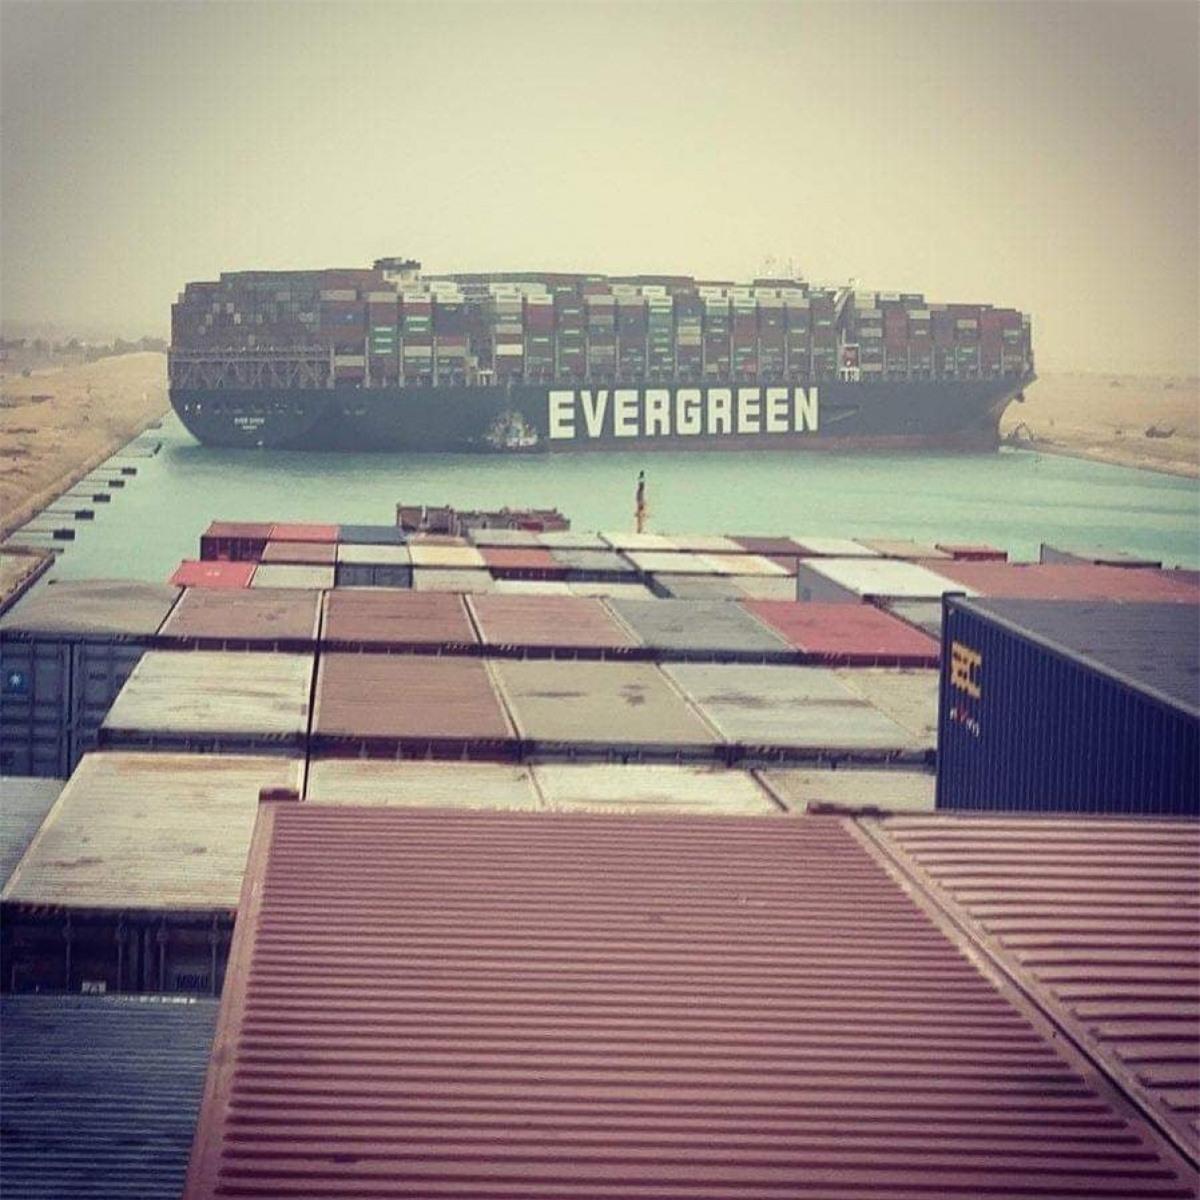 Tàu Ever Given mắc kẹt, chắn ngang kênh đào Suez. Ảnh: Instagram fallenhearts17